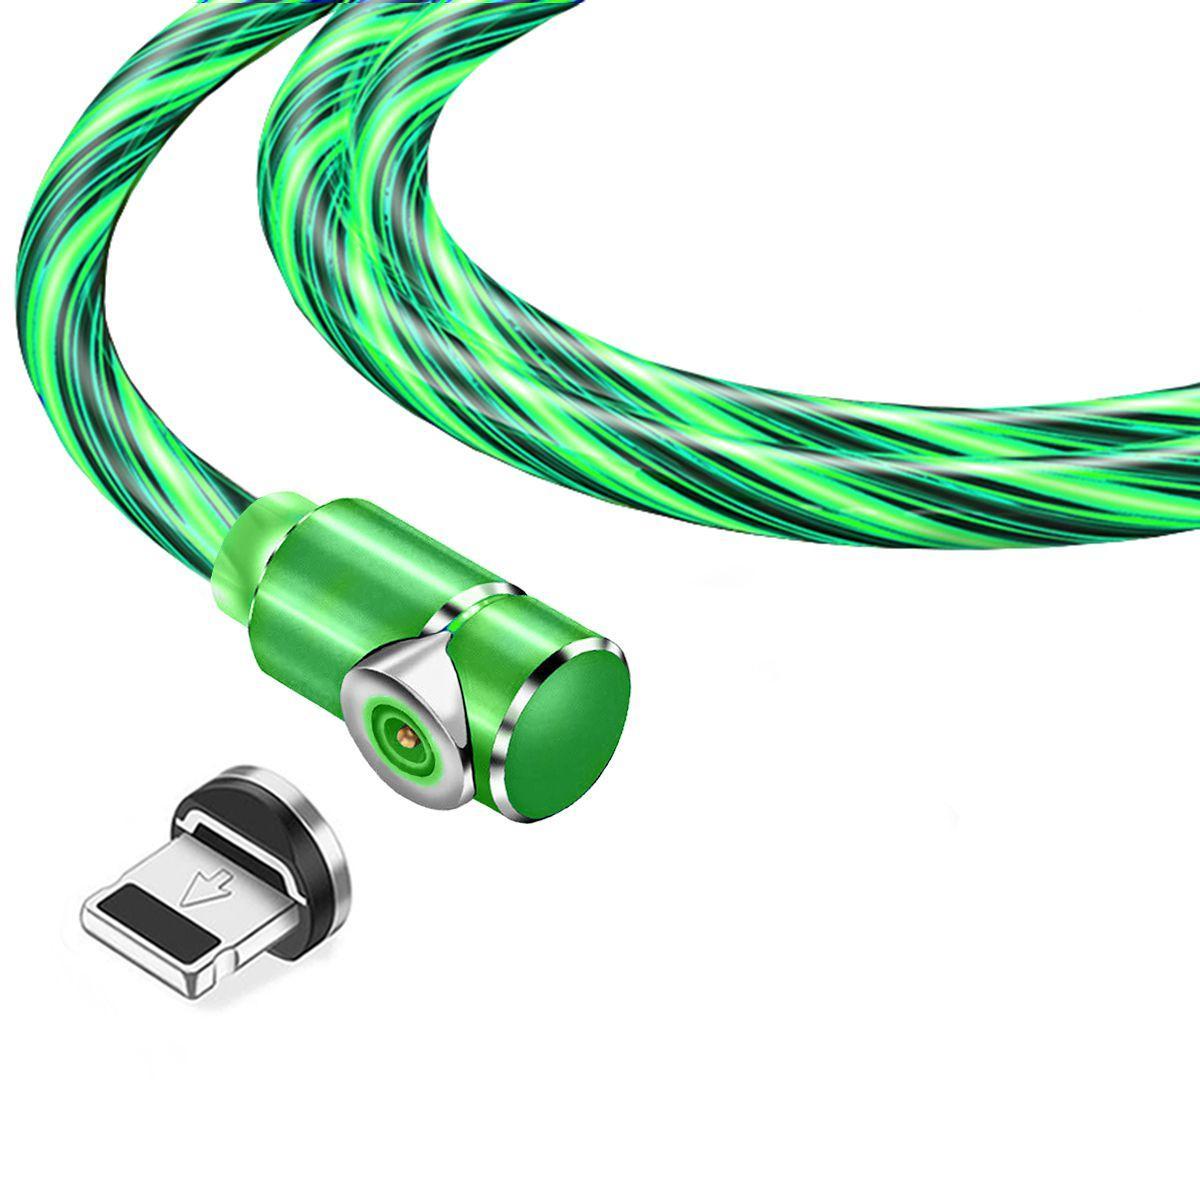 Магнитный кабель TOPK apple-lightning (LZ) для зарядки (100 см) Green